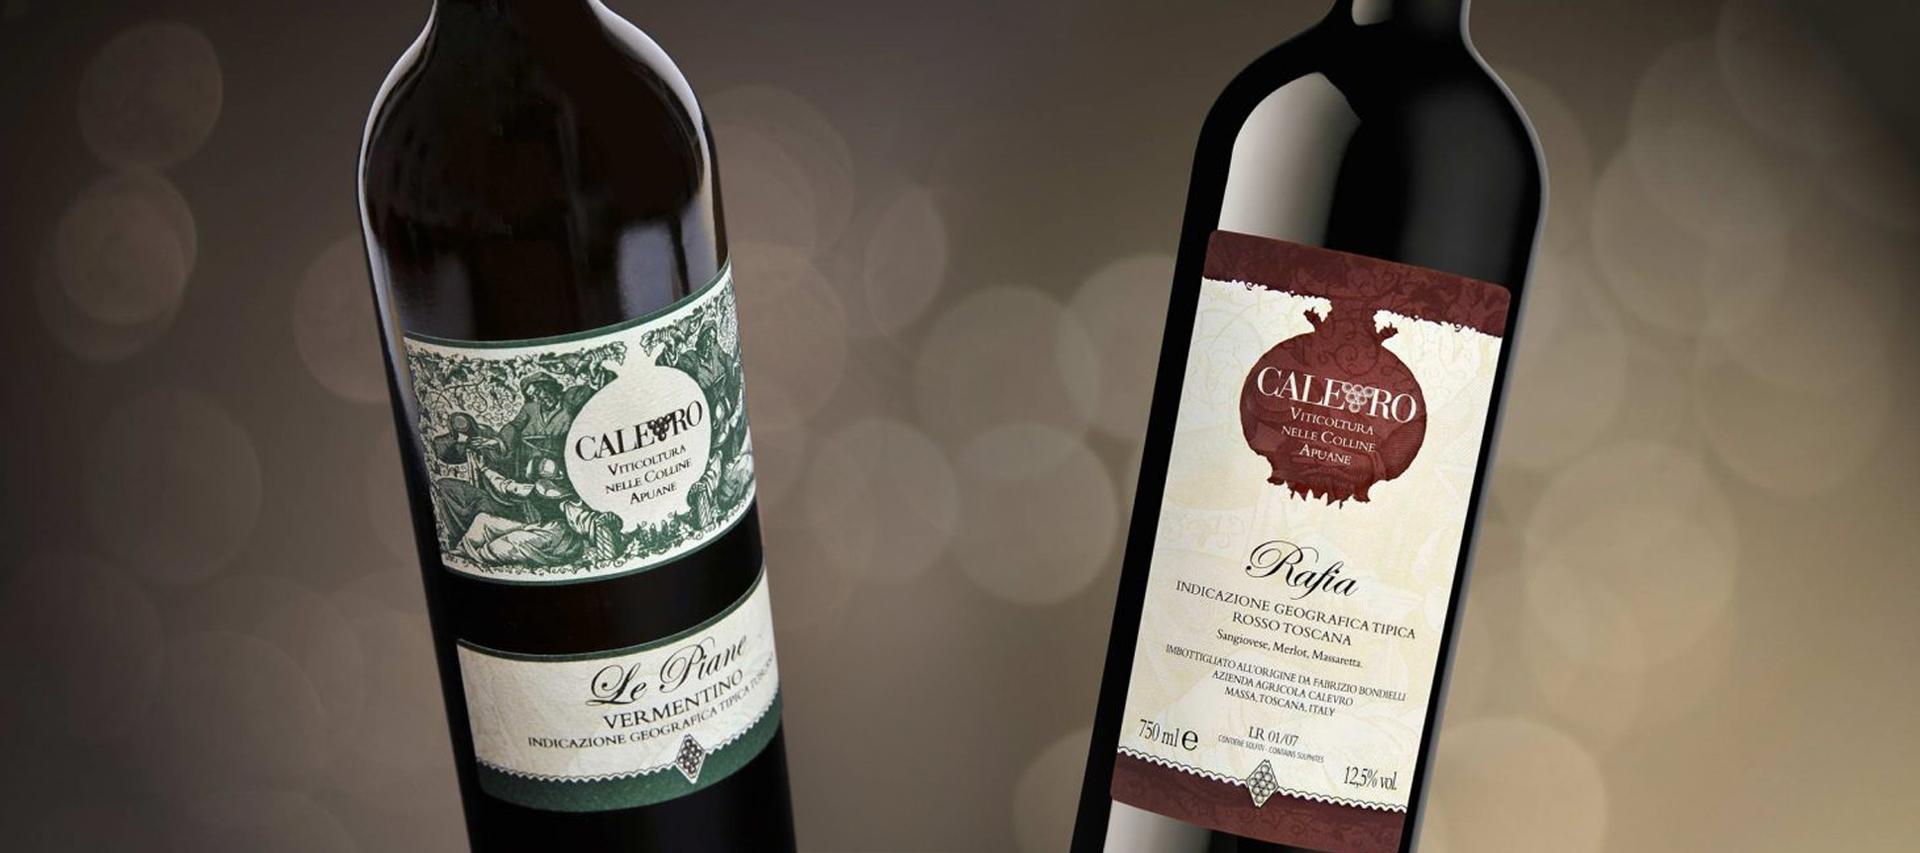 Galleria Etichette Vino Etikettando Produzione Etichette Adesive